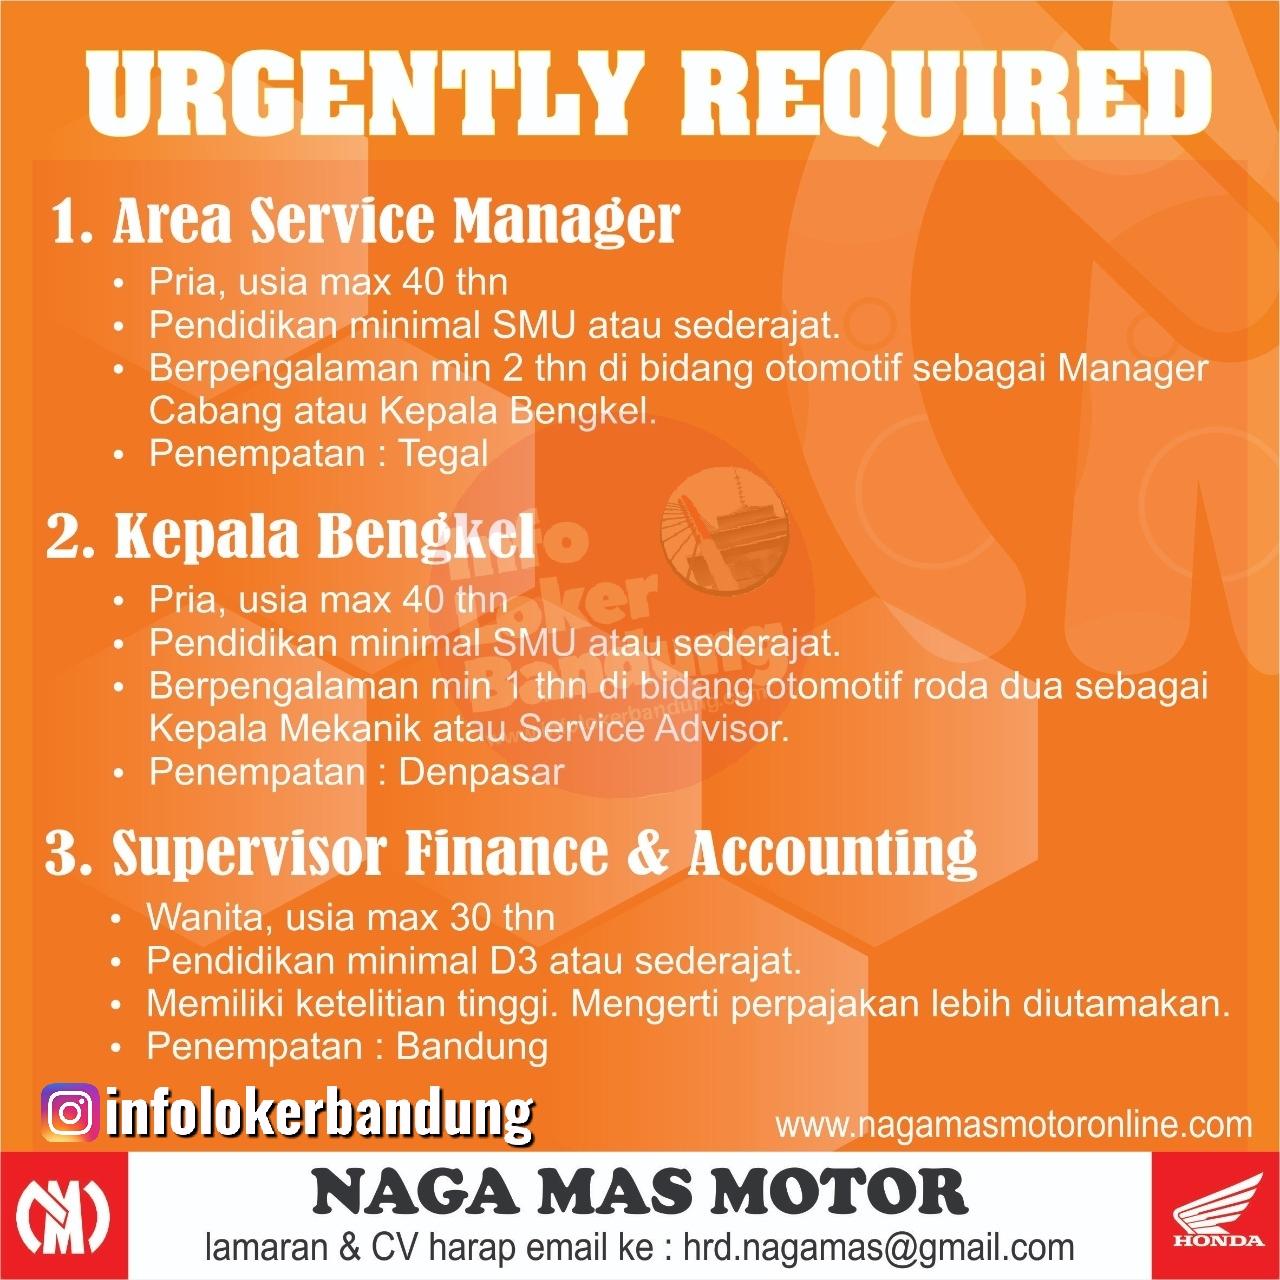 Urgently Required Naga Mas Motor Bandung Januari 2020